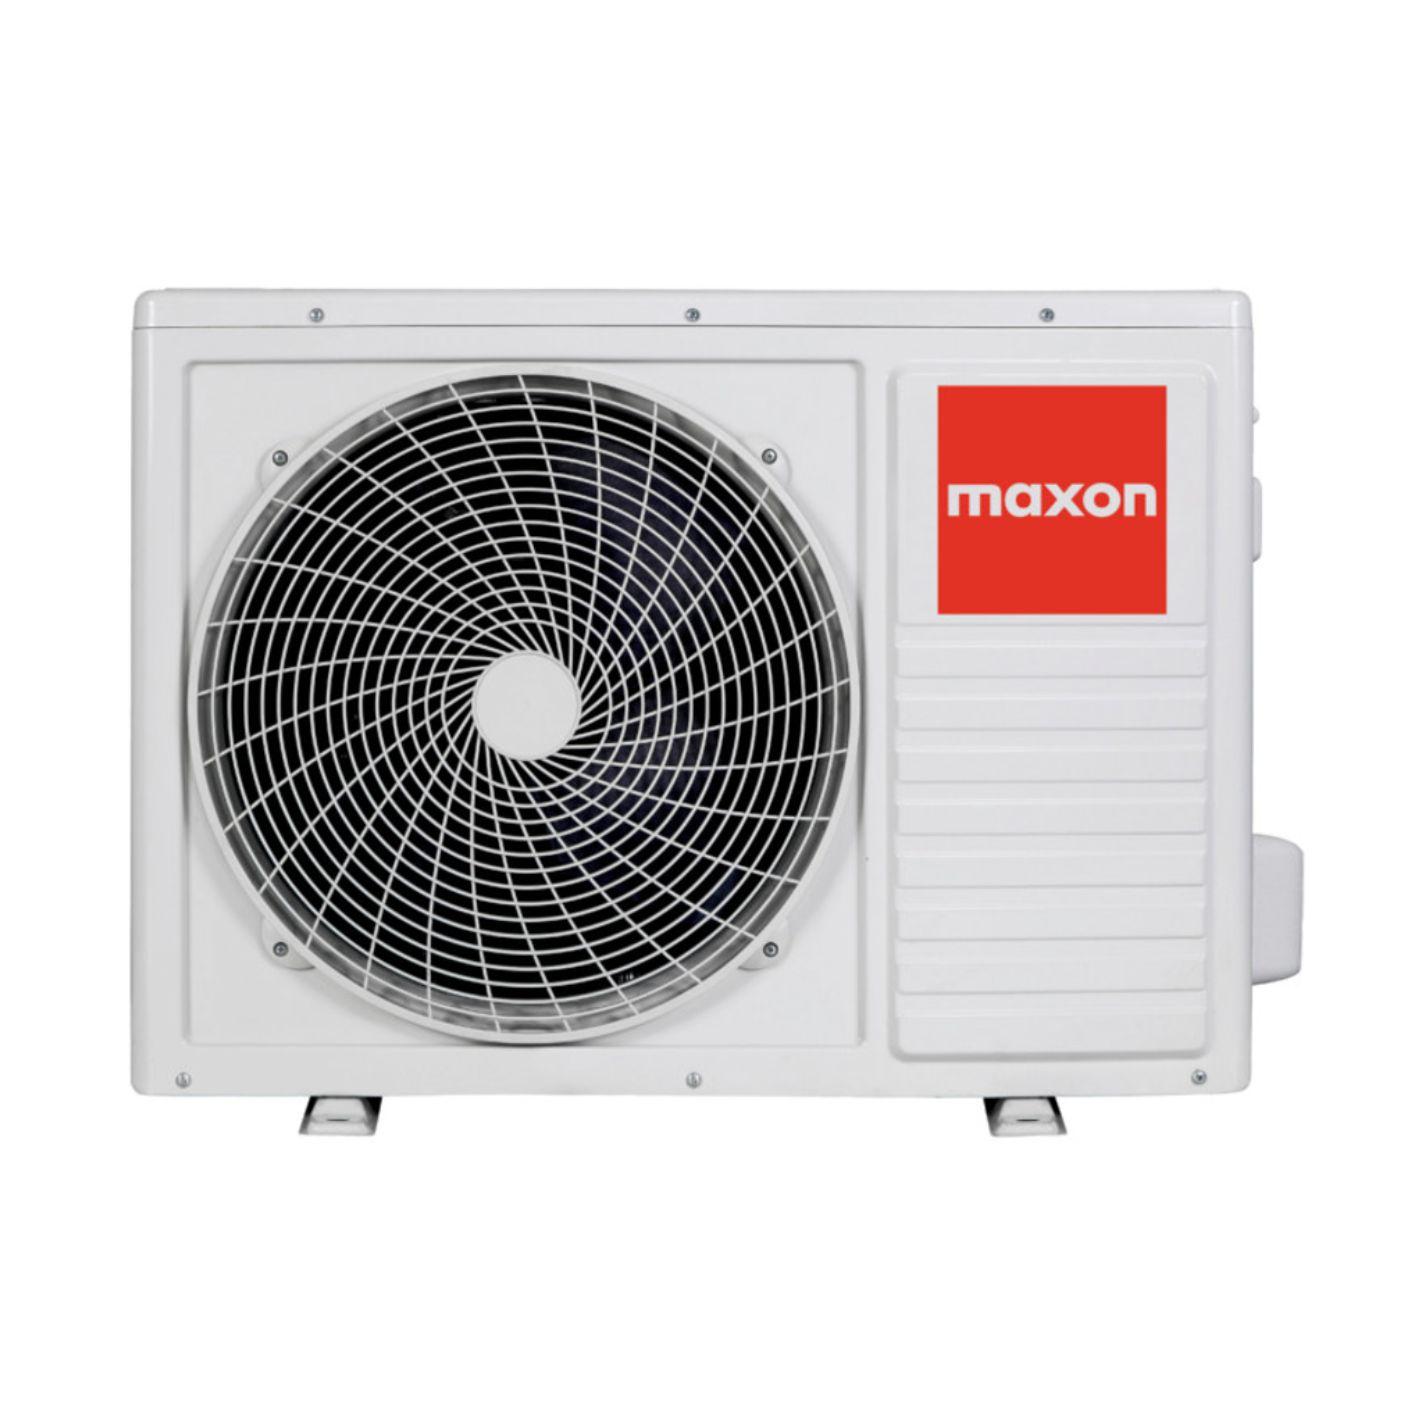 MAXON KLIMA UREĐAJ COMFORT R32 MAXON18